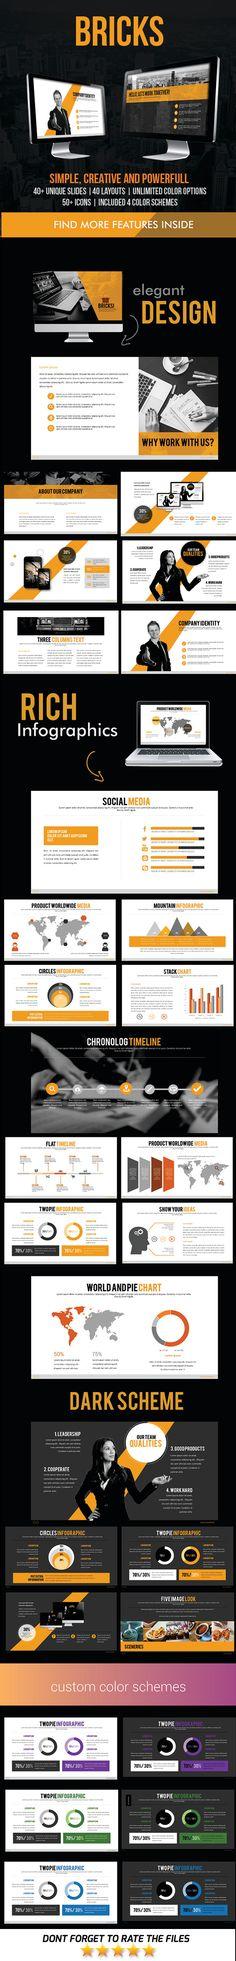 Bricks PowerPoint Template #design Download: http://graphicriver.net/item/bricks-powerpoint-template/11760035?ref=ksioks